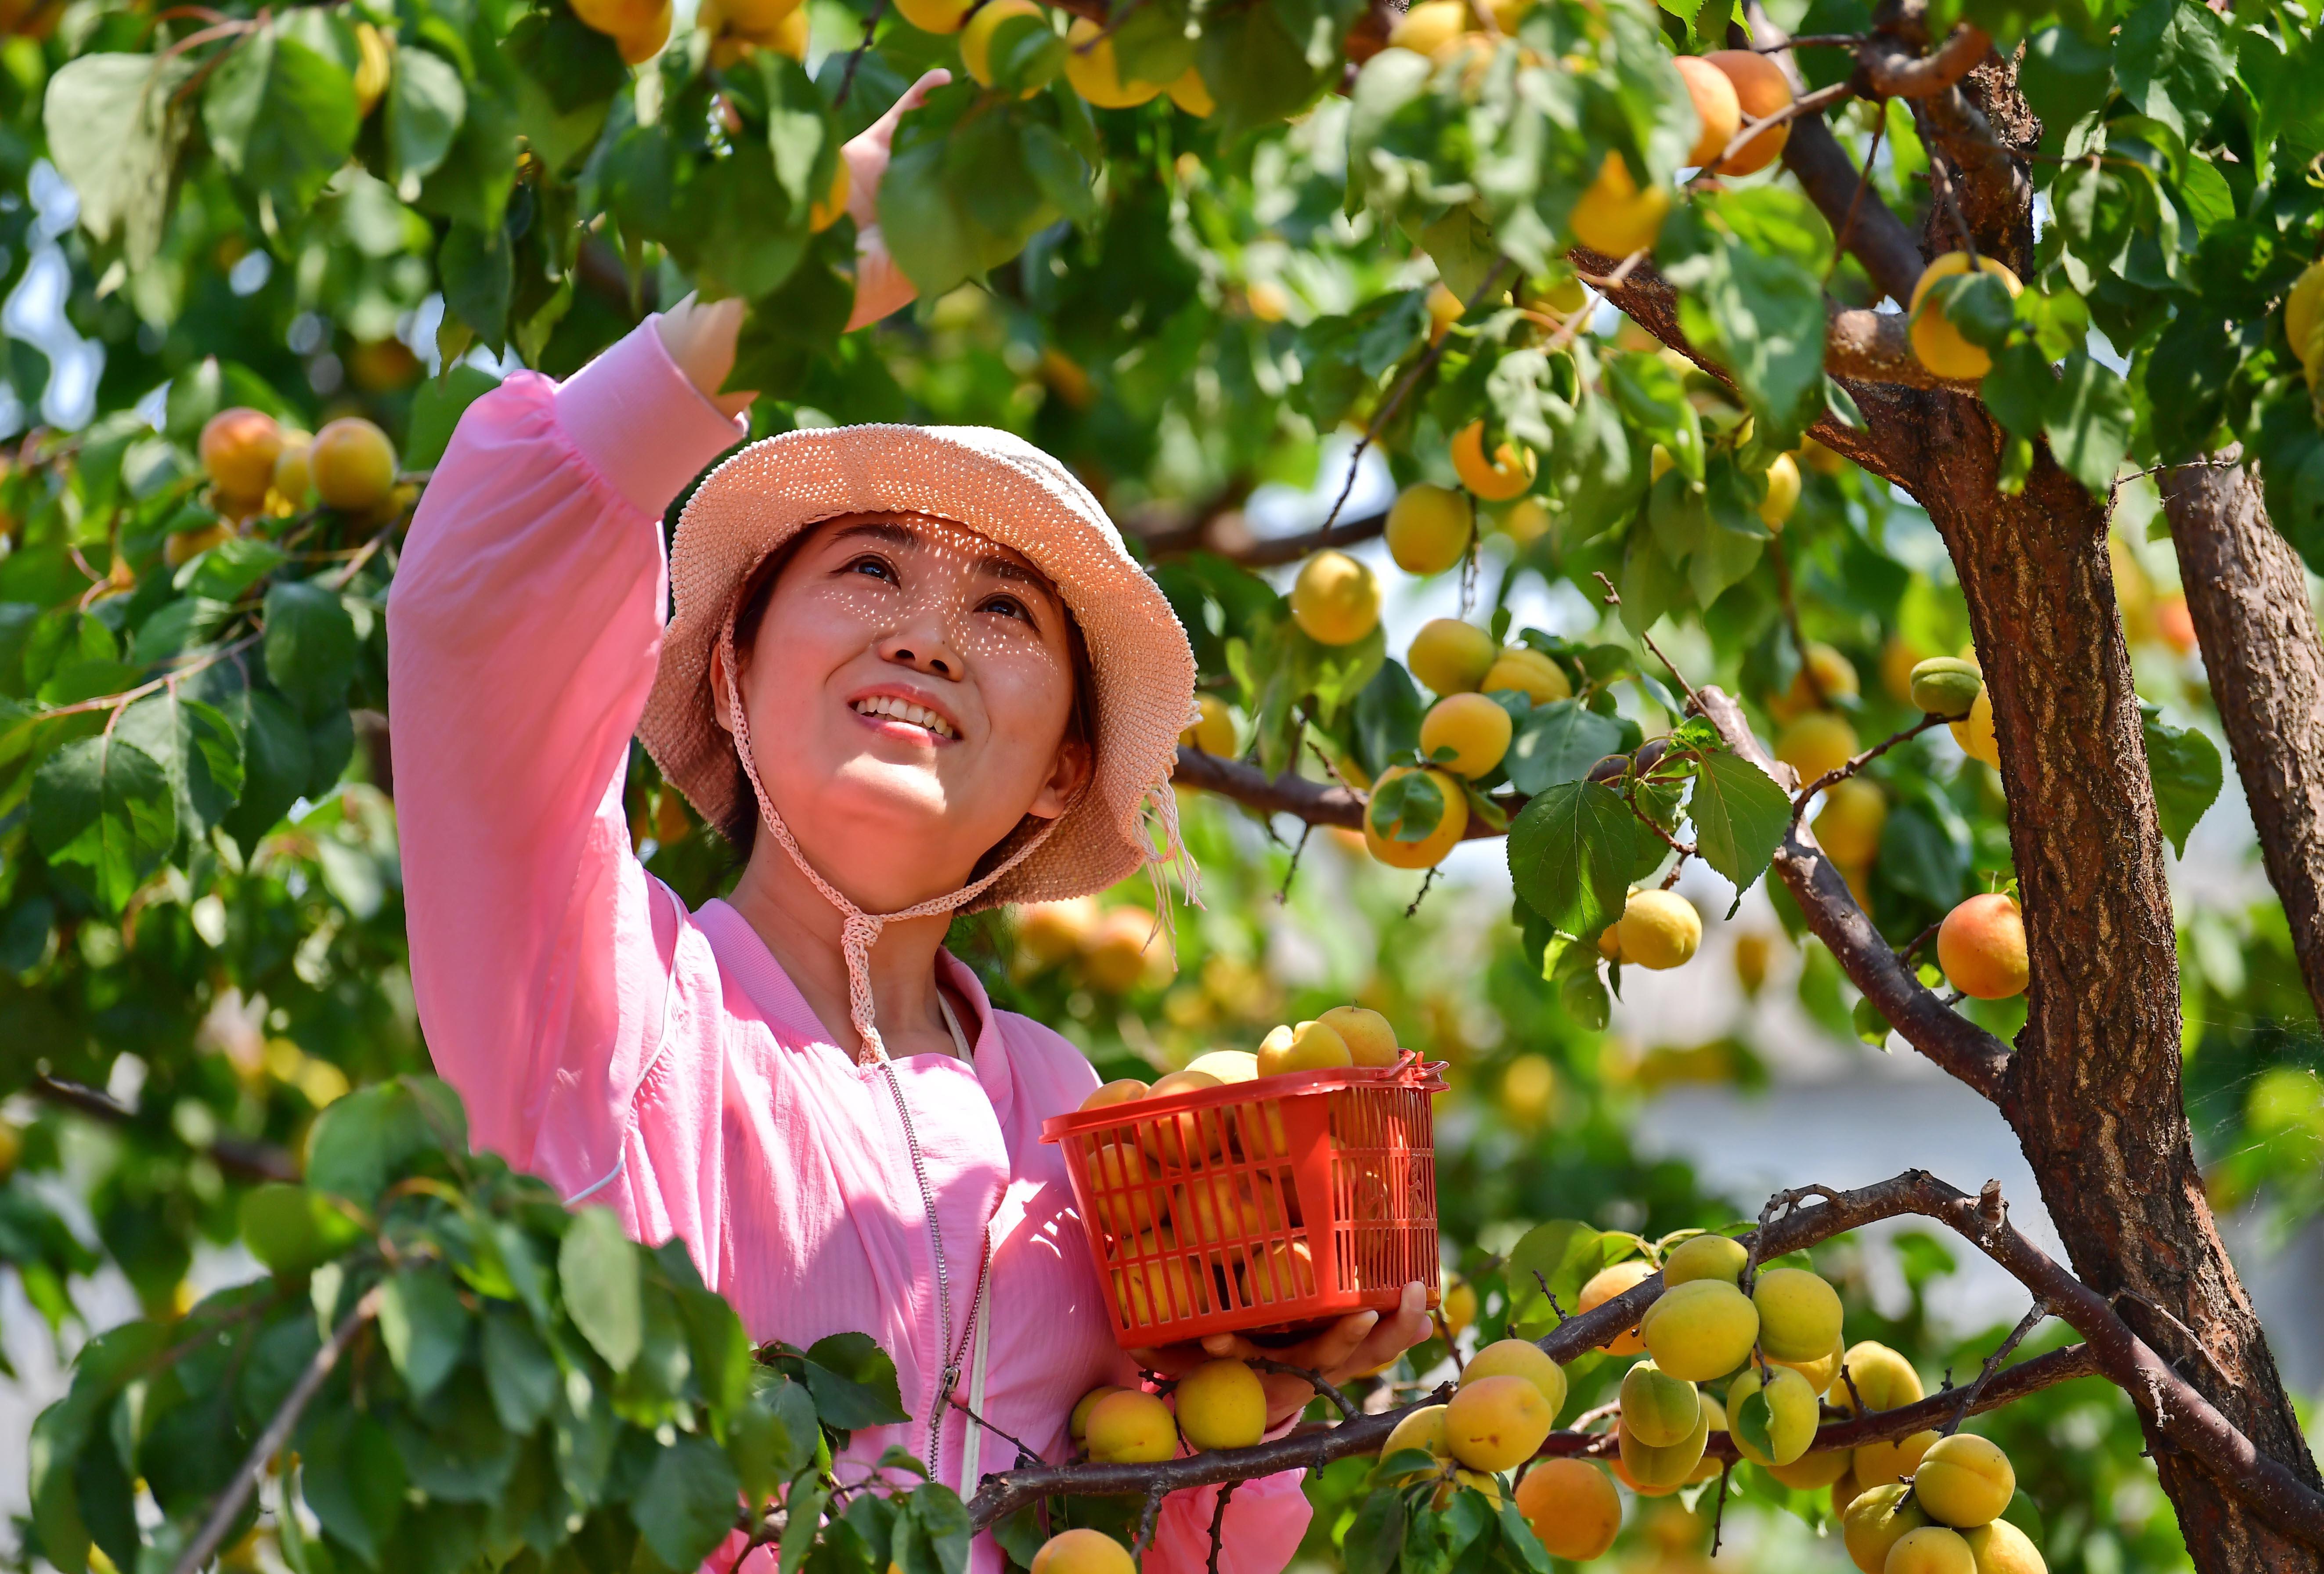 6月25日,游客在唐山海港经济开发区现代农业生态园摘杏。 近年来,河北唐山海港经济开发区推进生态水果产业和乡村旅游融合发展,助力乡村振兴。据介绍,目前该区葡萄、苹果等水果种植面积达1.5万亩,年产值3亿多元。 新华社记者 杨世尧 摄